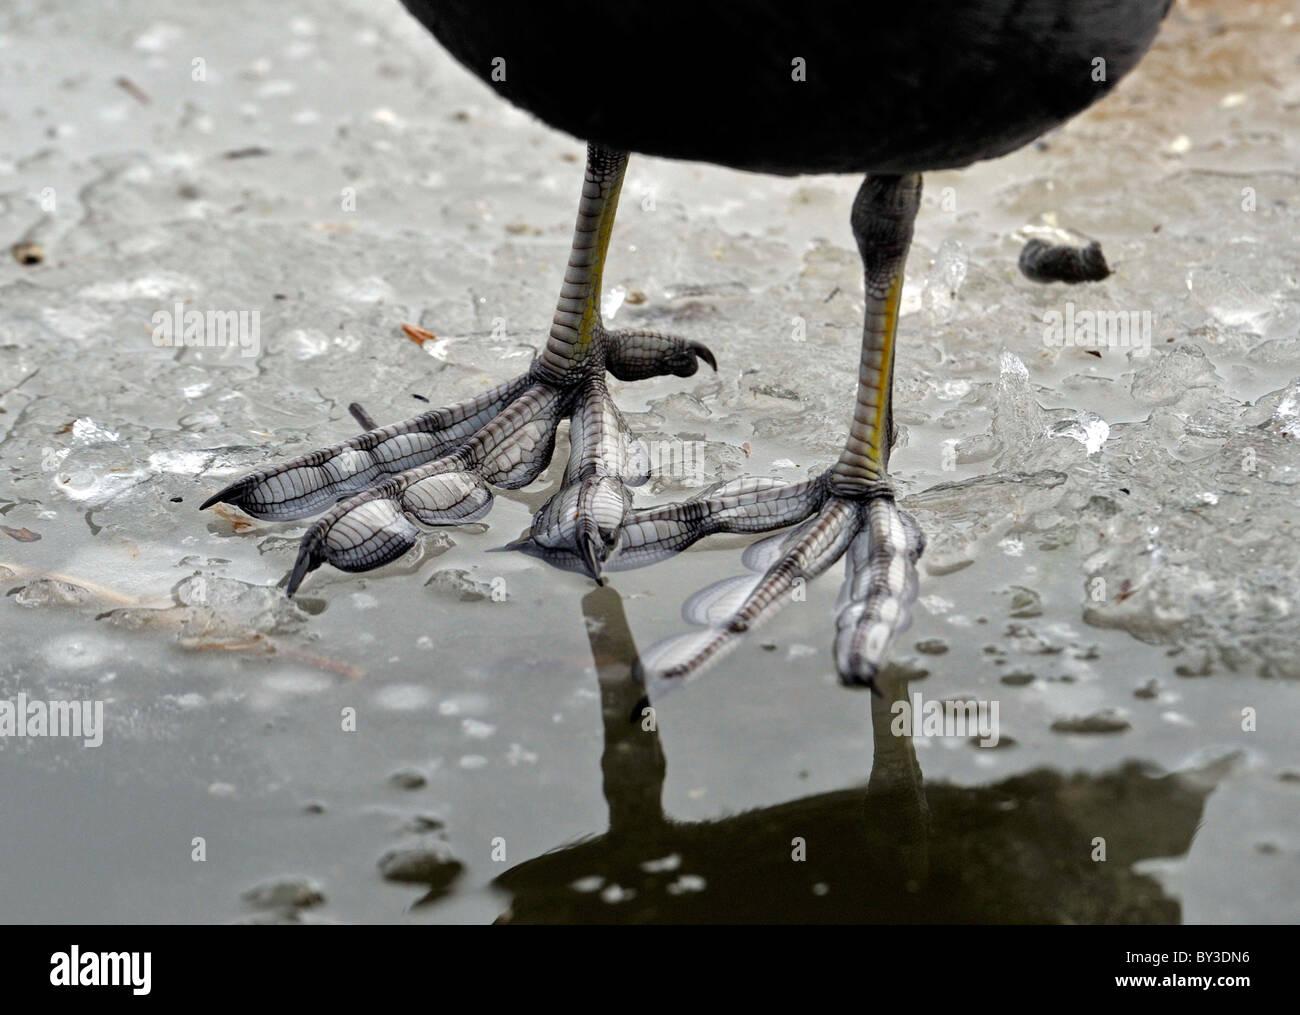 Types of Bird's feet. On ice. LOBED FEET. COOT. - Stock Image